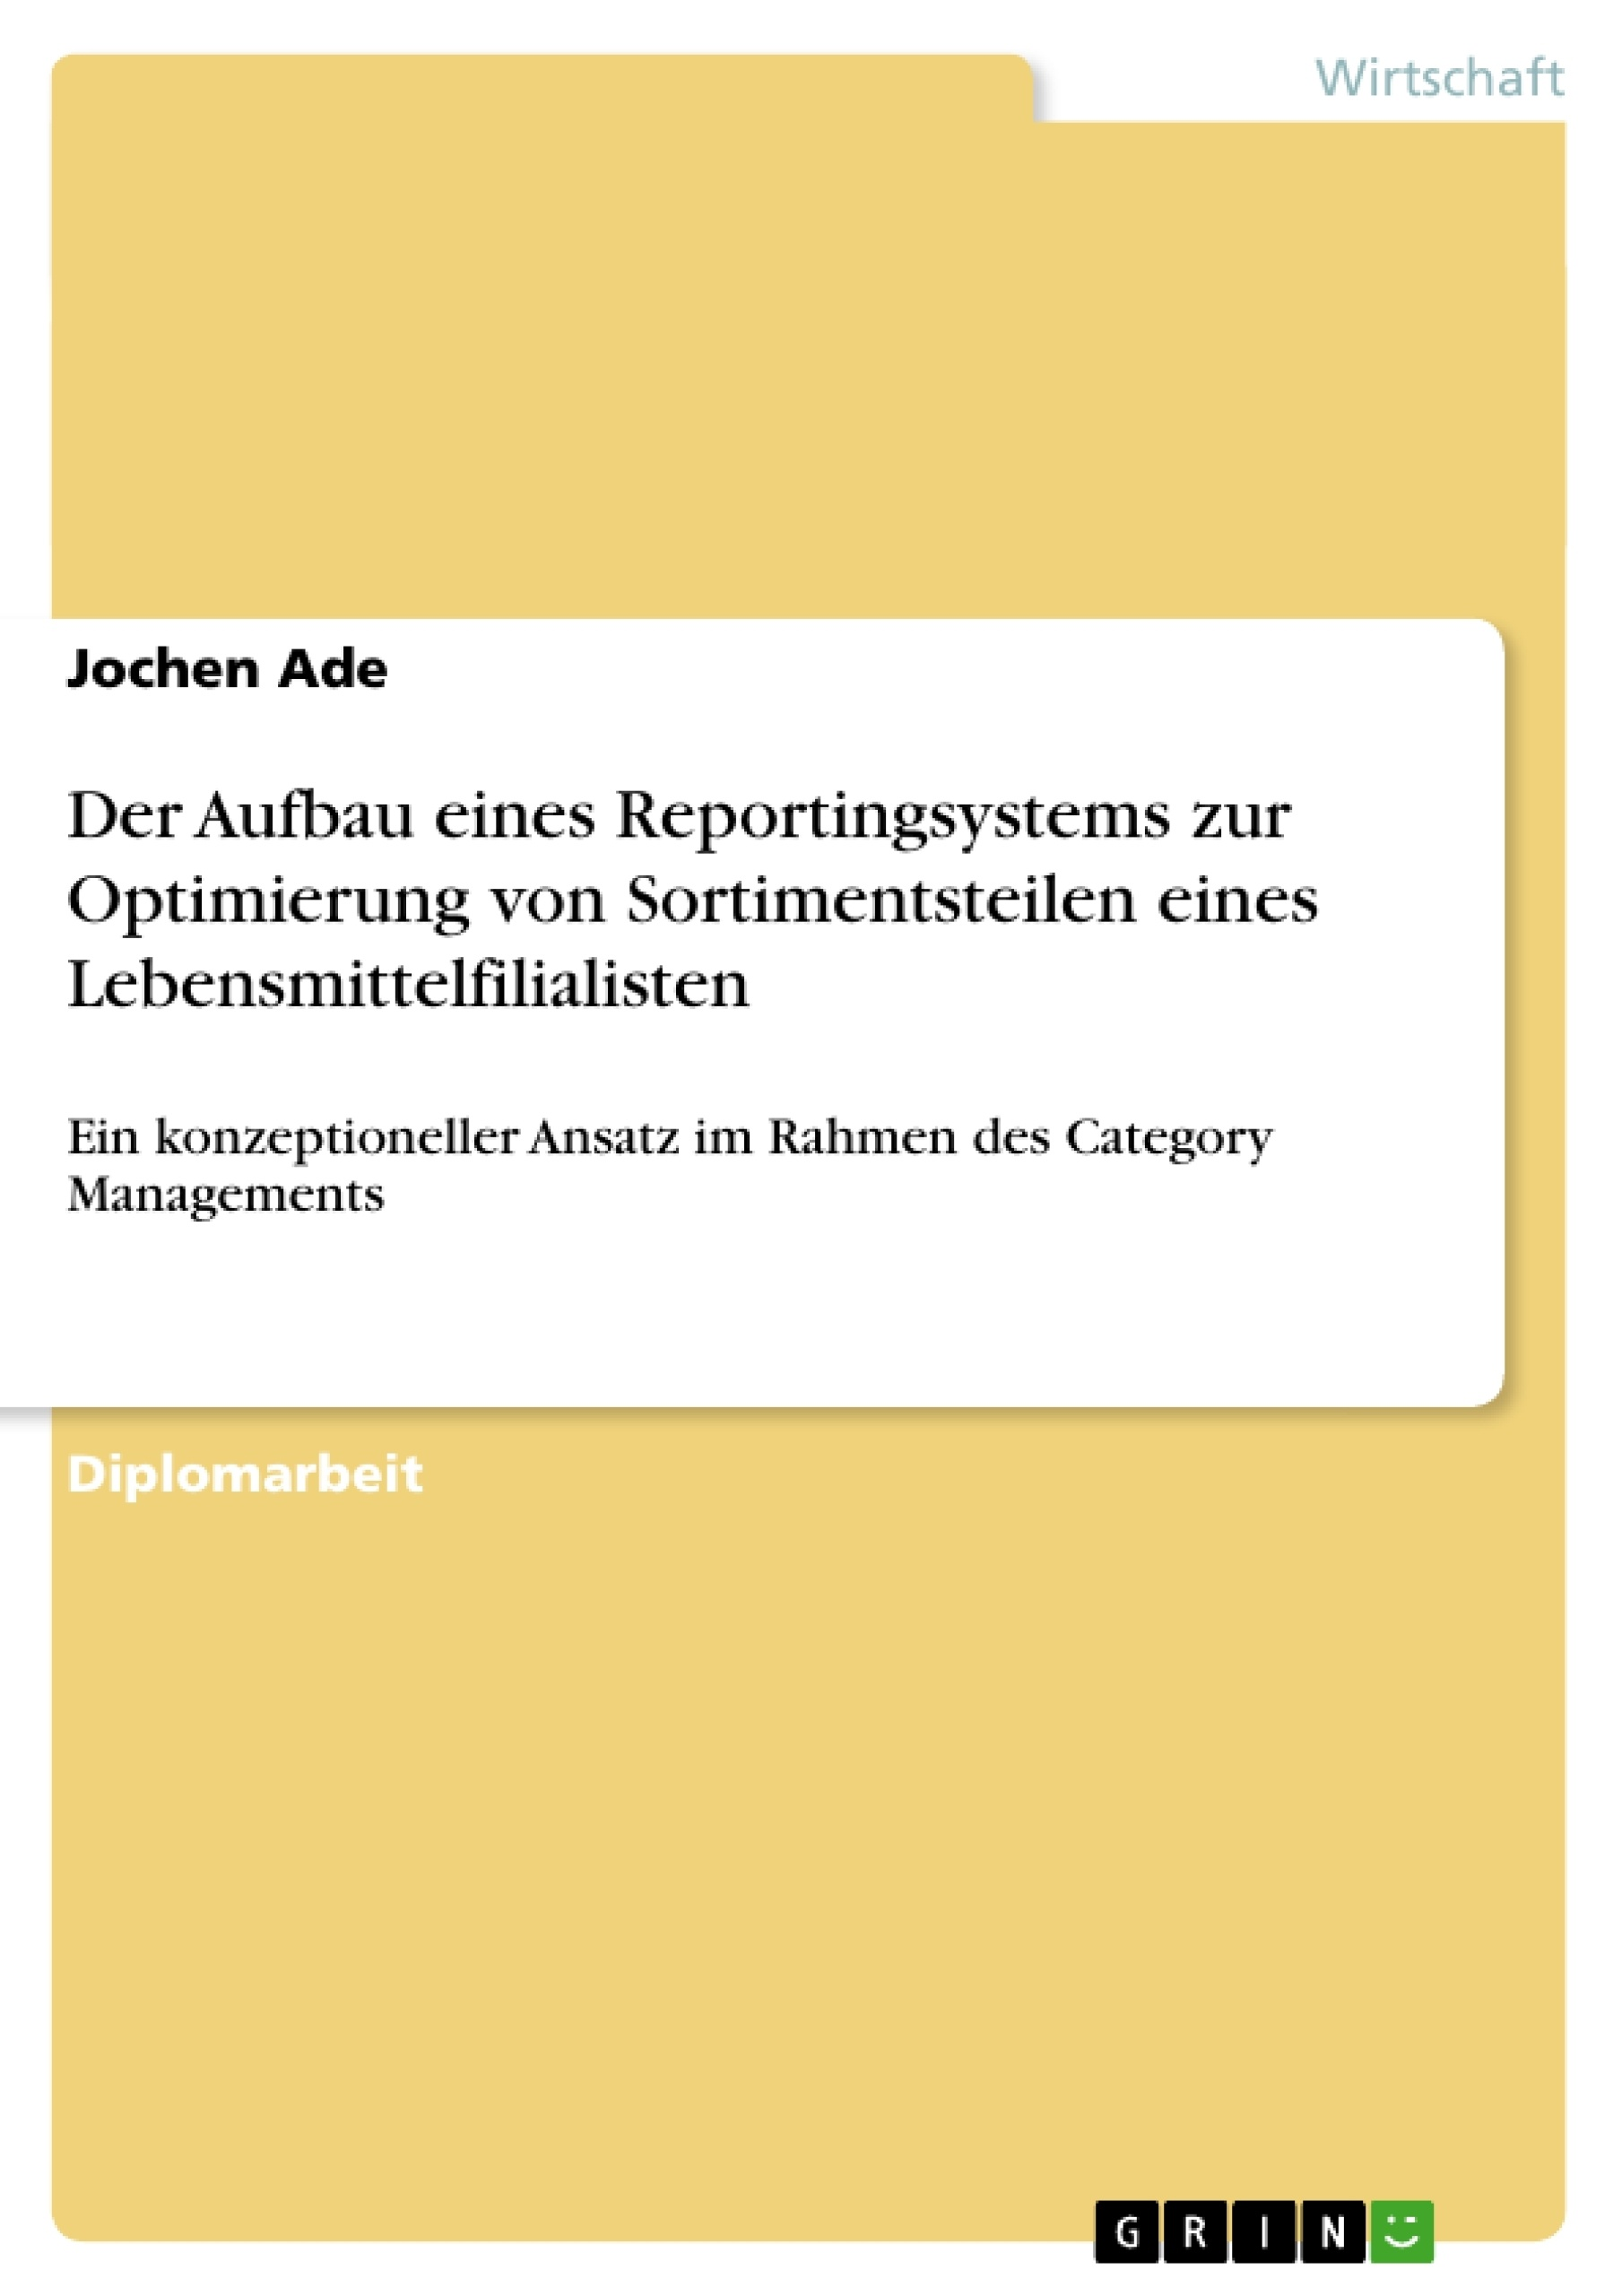 Titel: Der Aufbau eines Reportingsystems zur Optimierung von Sortimentsteilen eines Lebensmittelfilialisten